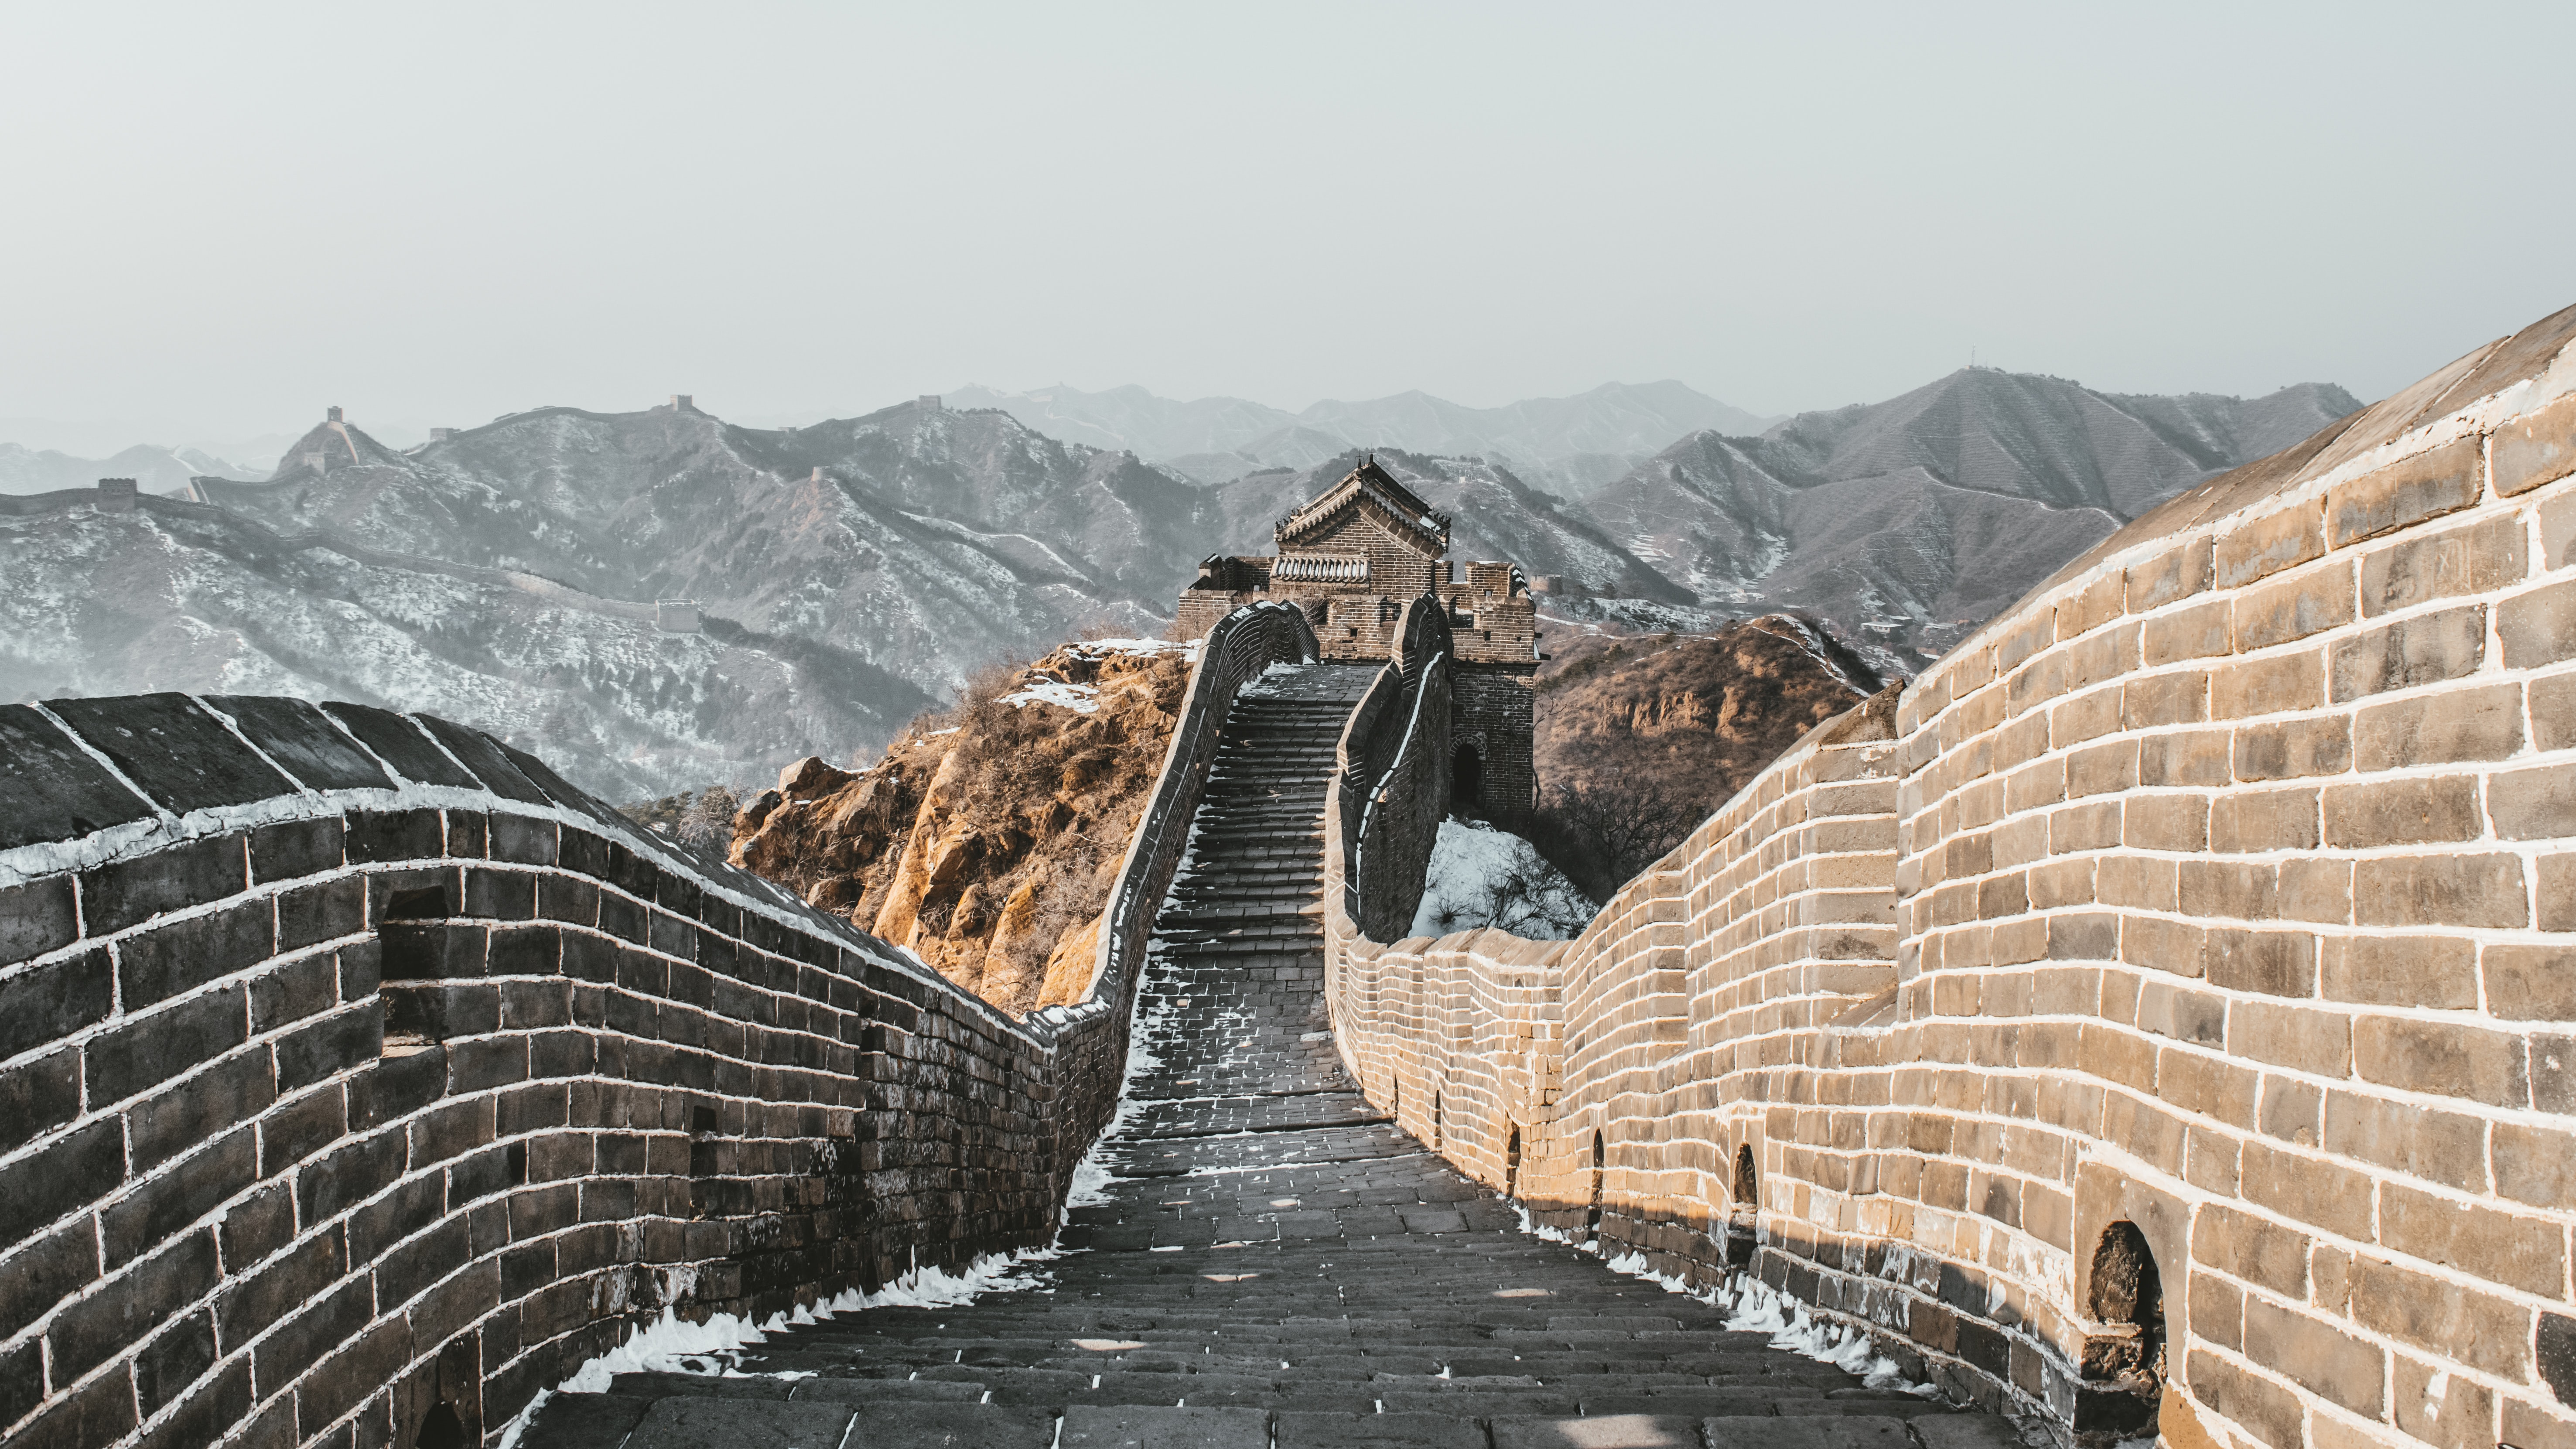 ทัวร์กำแพงเมืองจีน The Great wall of China